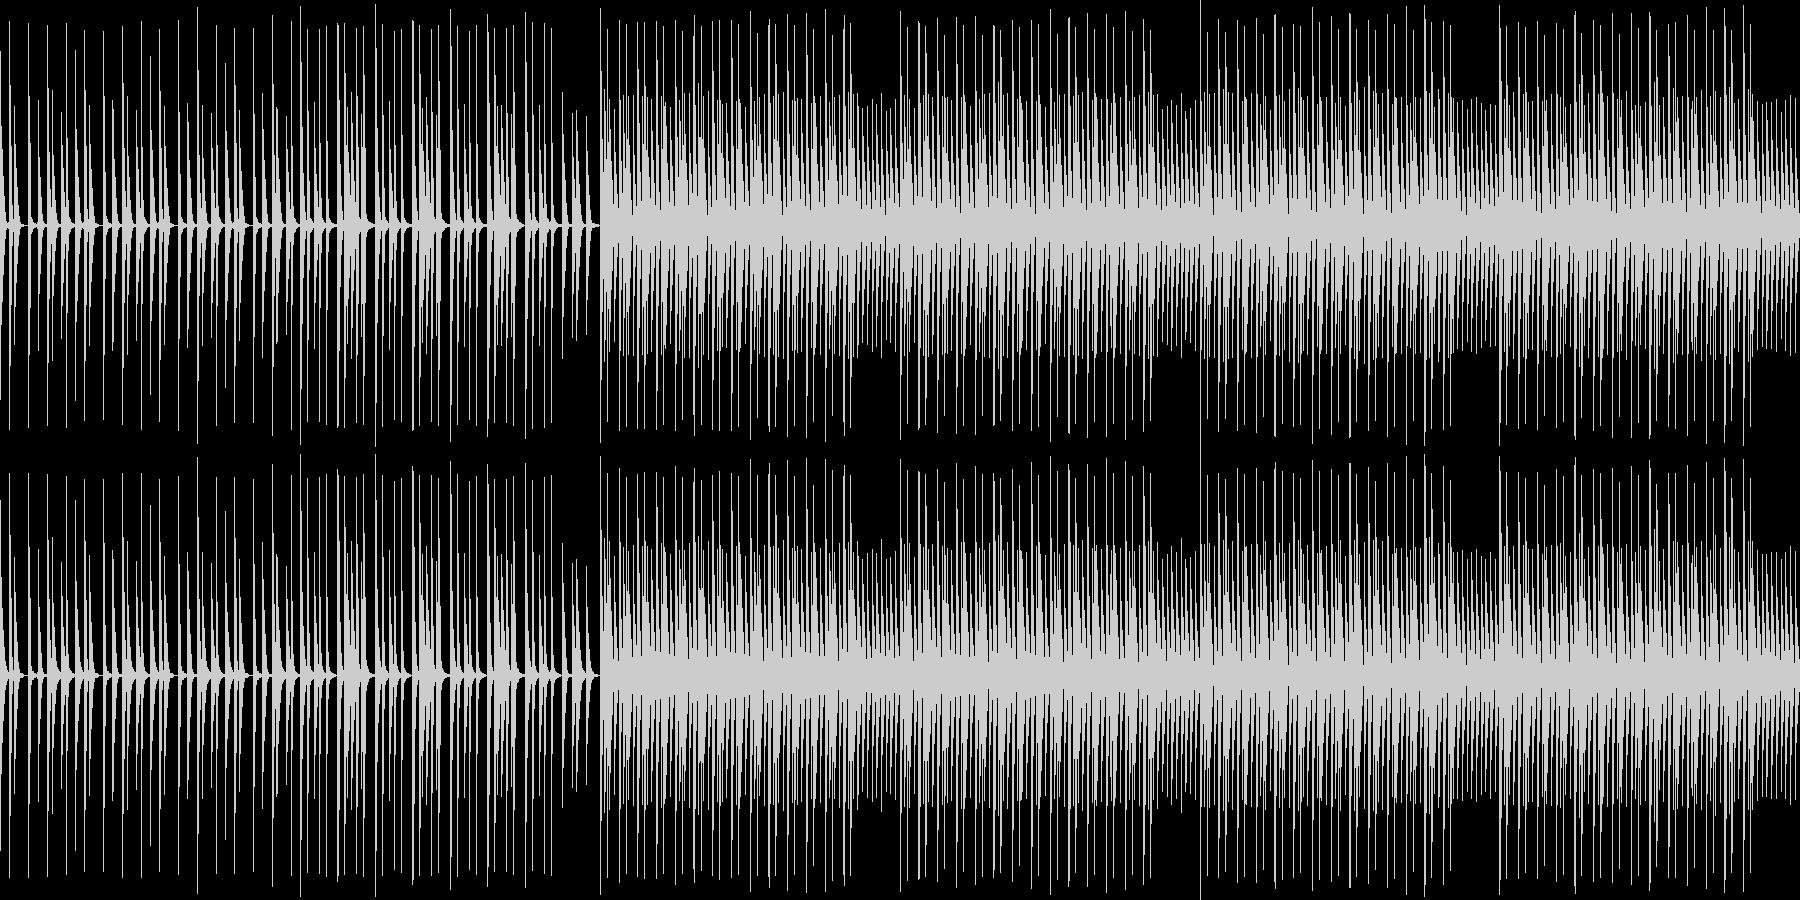 【ほのぼのかわいいエレクトロニカ】の未再生の波形